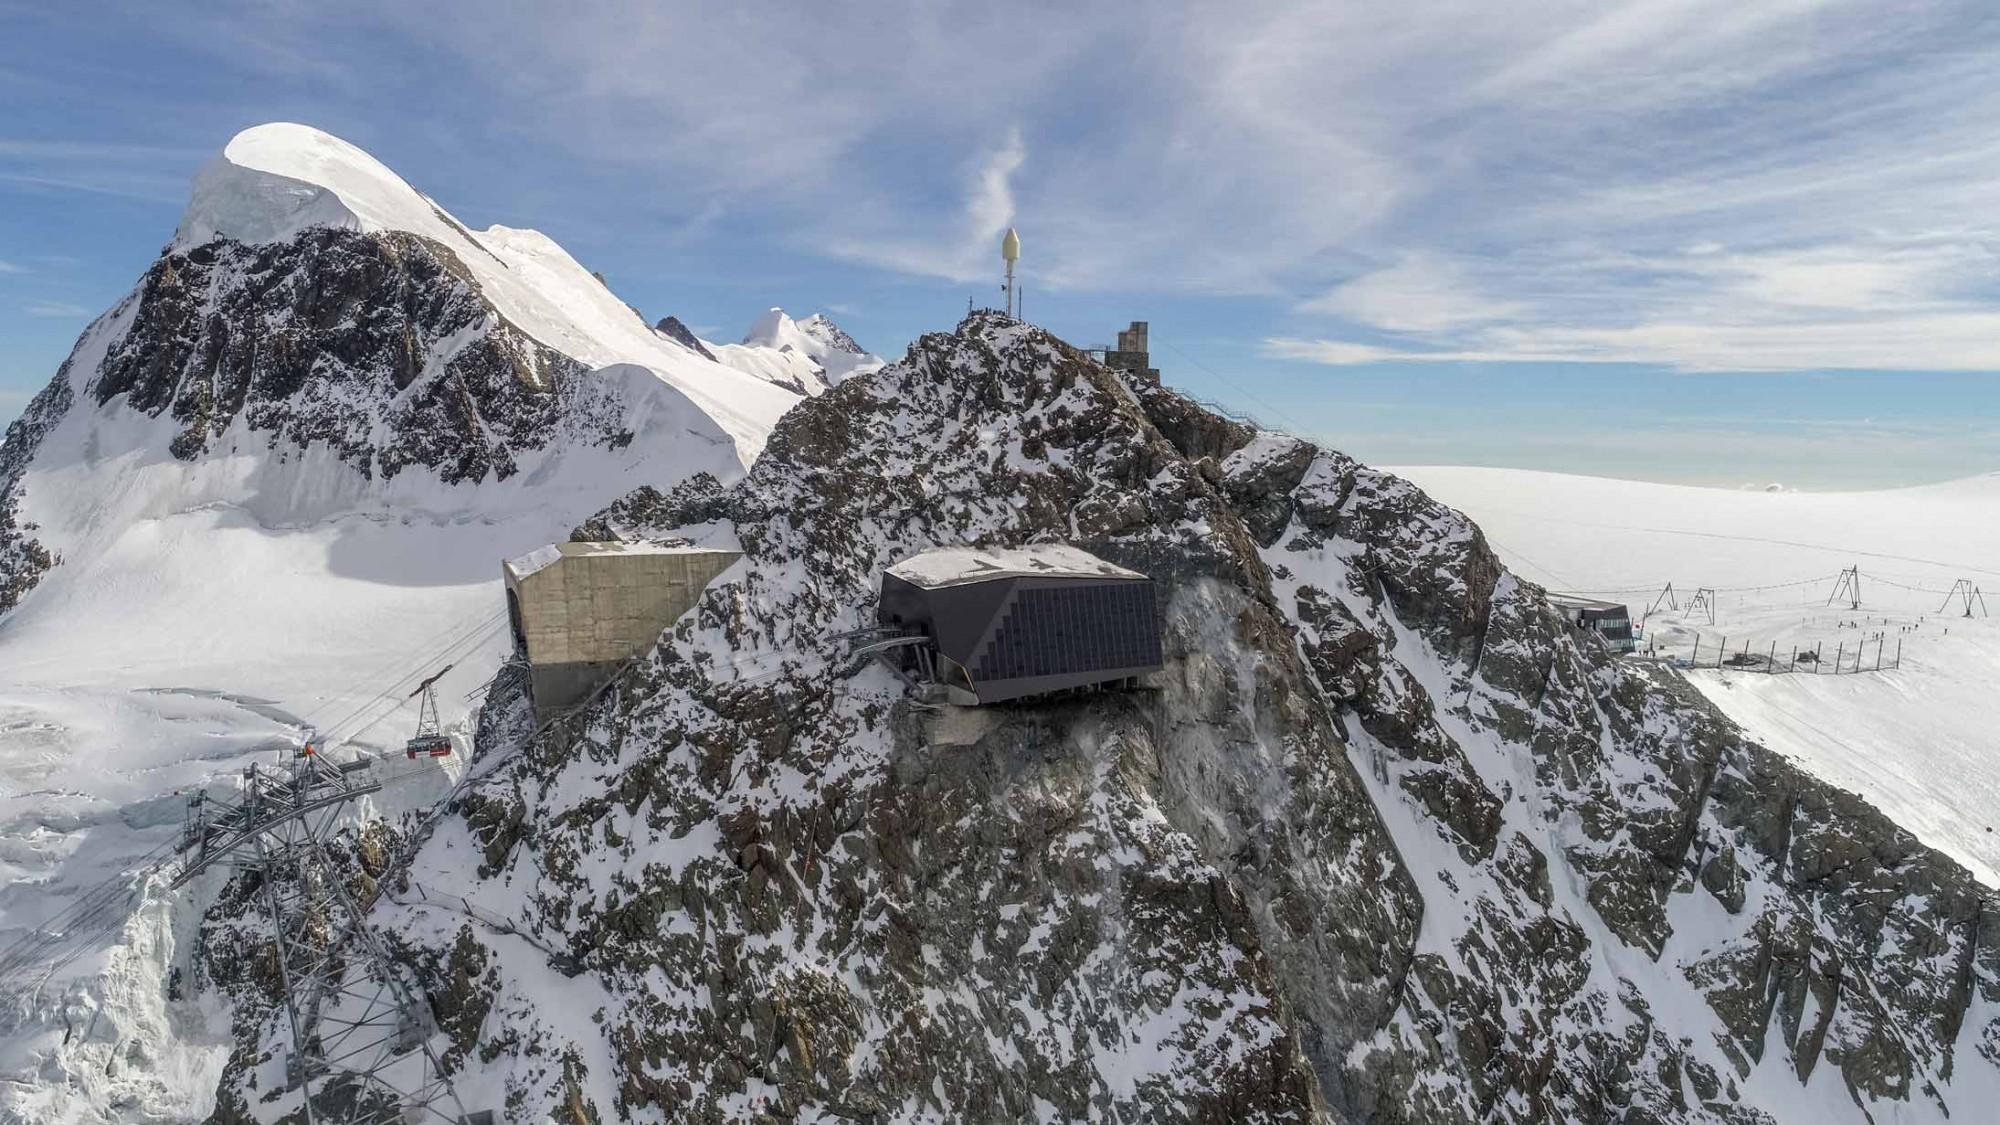 Bergstation Klein Matterhorn